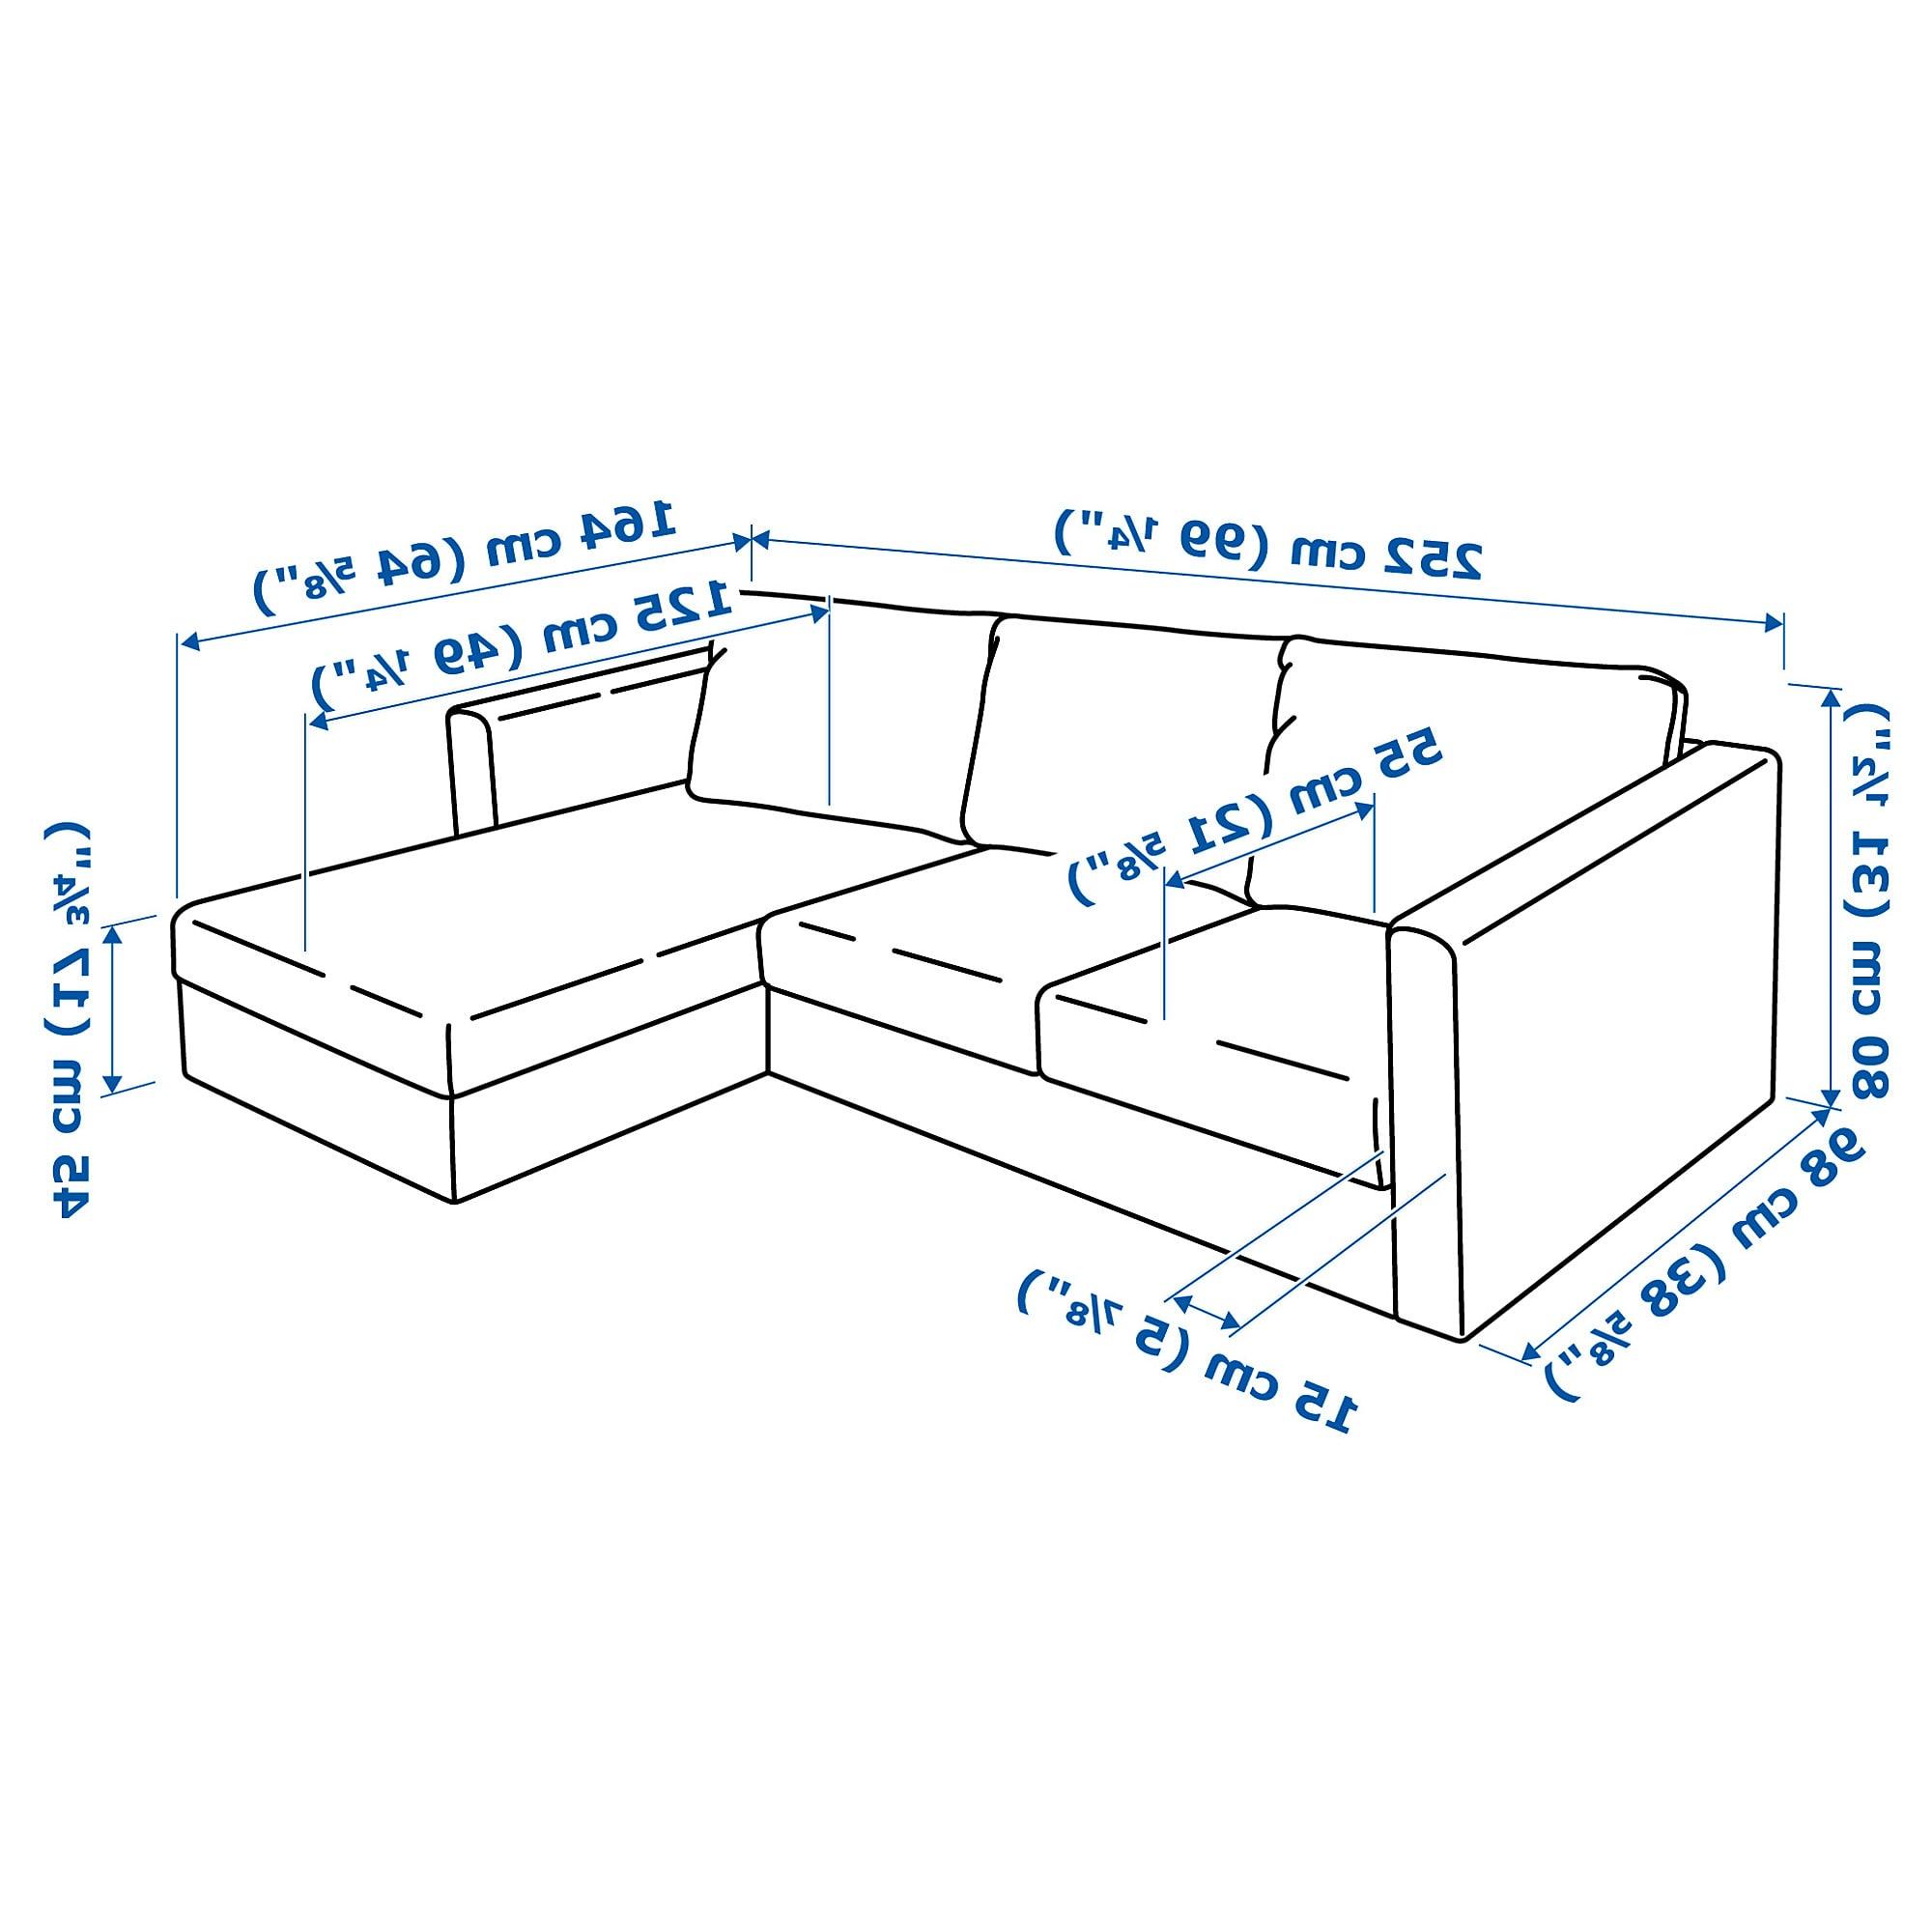 Sofa 3 Plazas Medidas 9fdy Vimle sofà 3 Plazas Chaiselongue orrsta Dorado Ikea